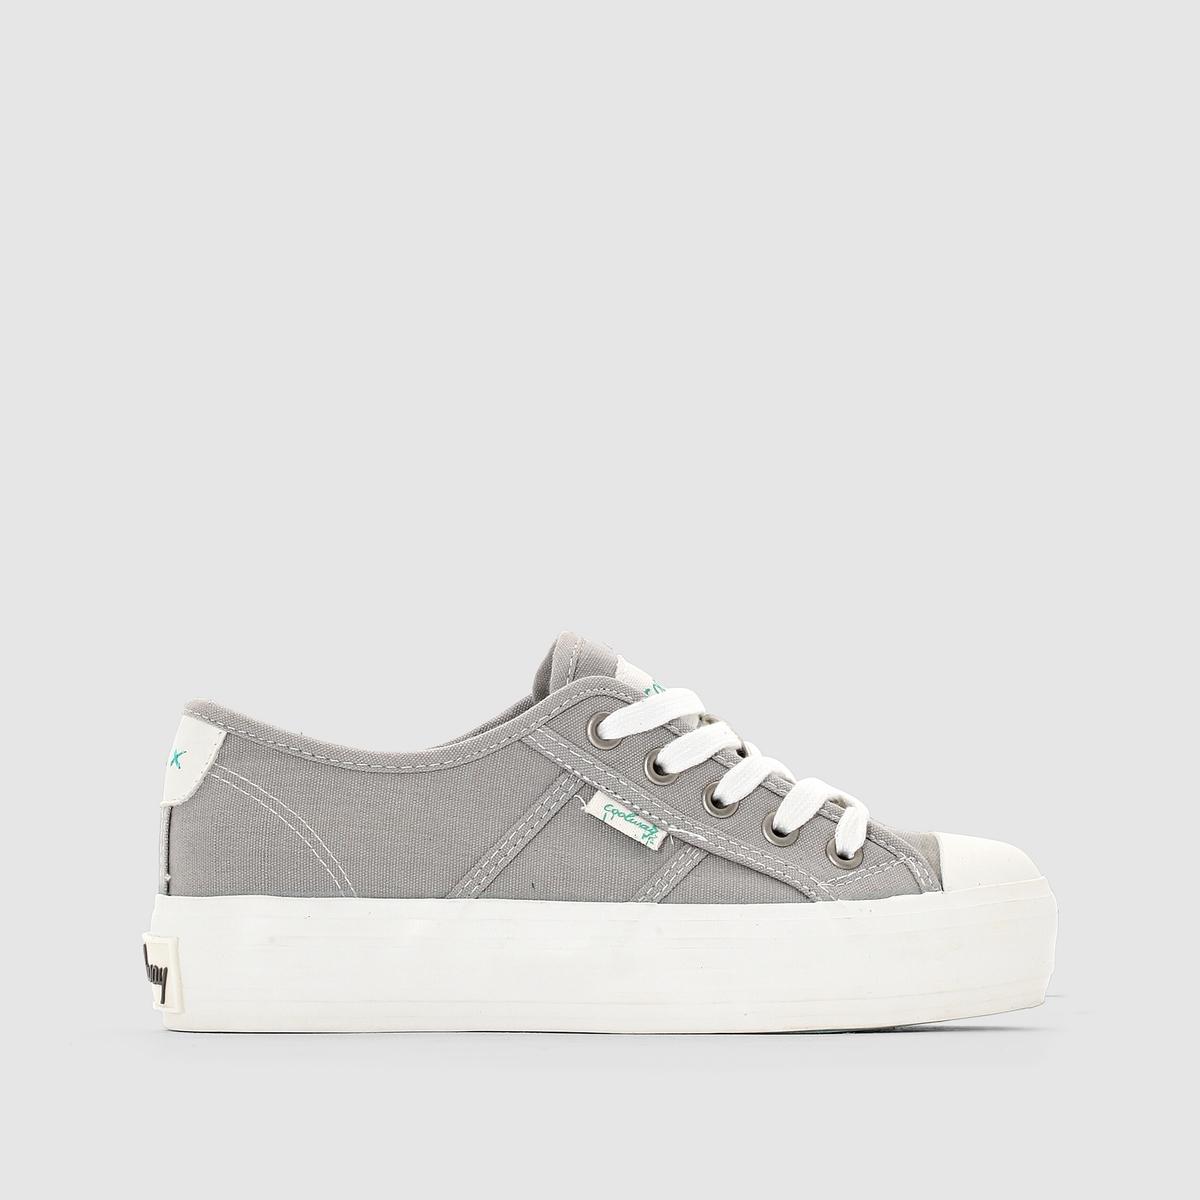 Кеды низкие на платформе, на шнуровке, DANIELAФорма мягких теннисных туфель, подчеркнутаяплатформой : еще один модный намек от марки Coolway !<br><br>Цвет: серый,черный<br>Размер: 40.41.38.37